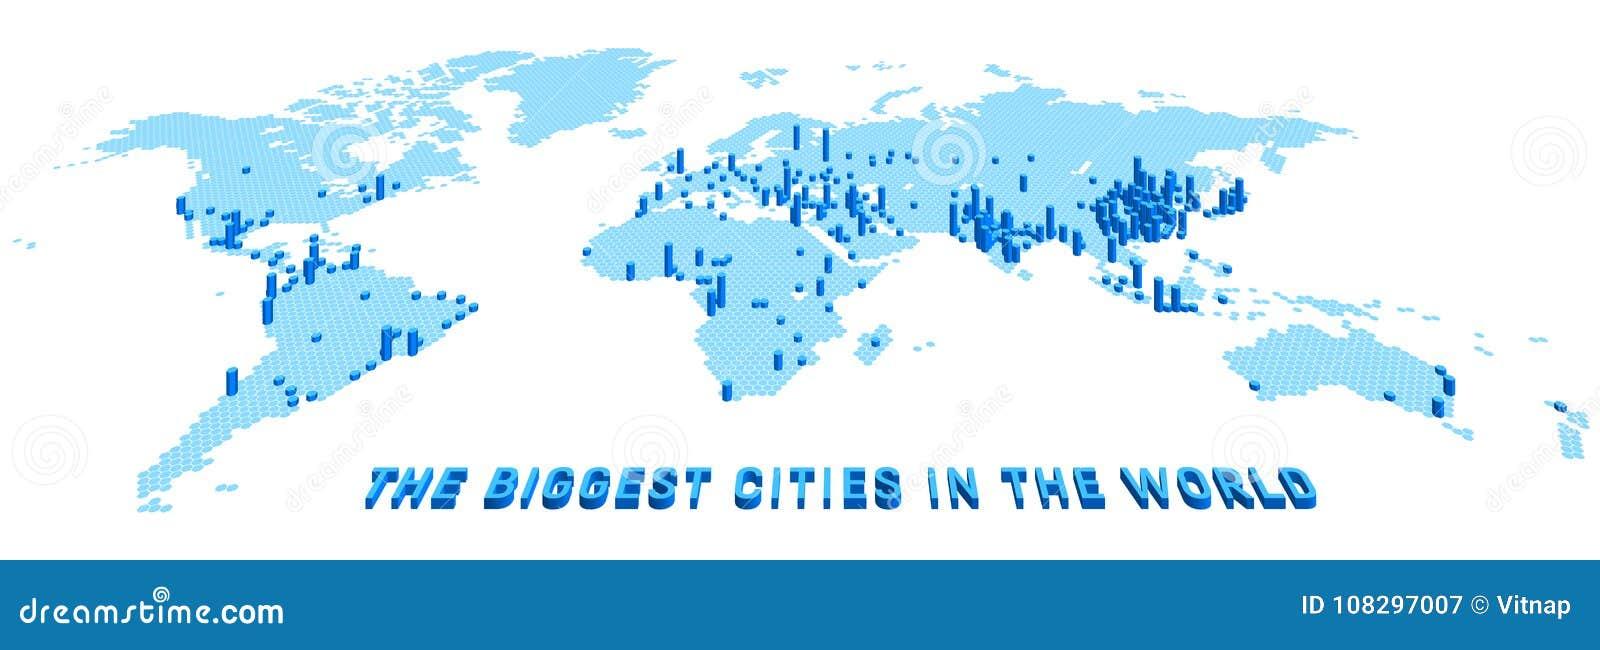 Vector el mapa del mundo estilizado usando hexágonos con las ciudades más grandes